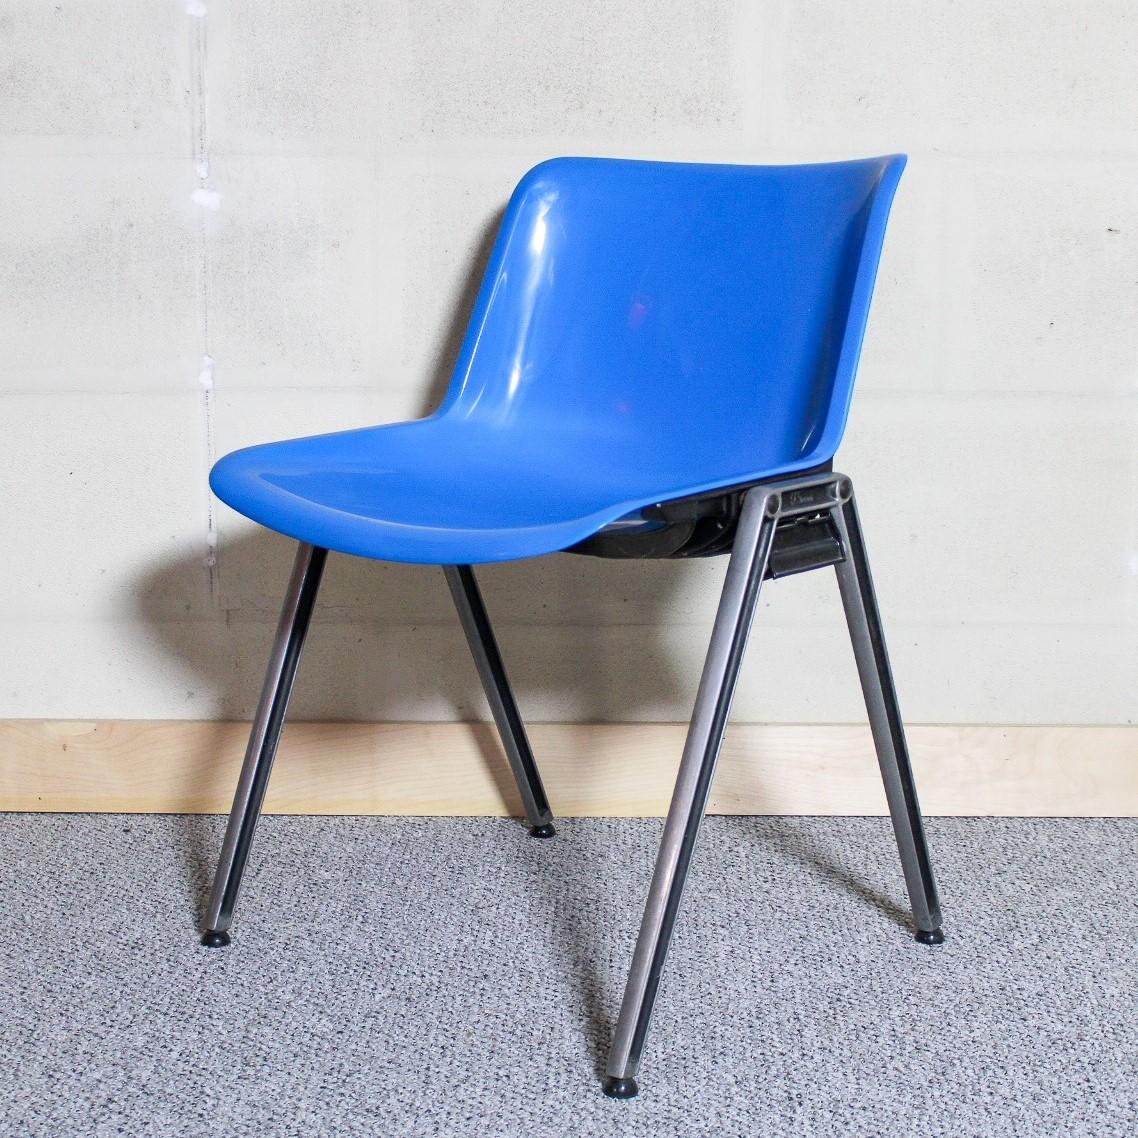 techno chair blue